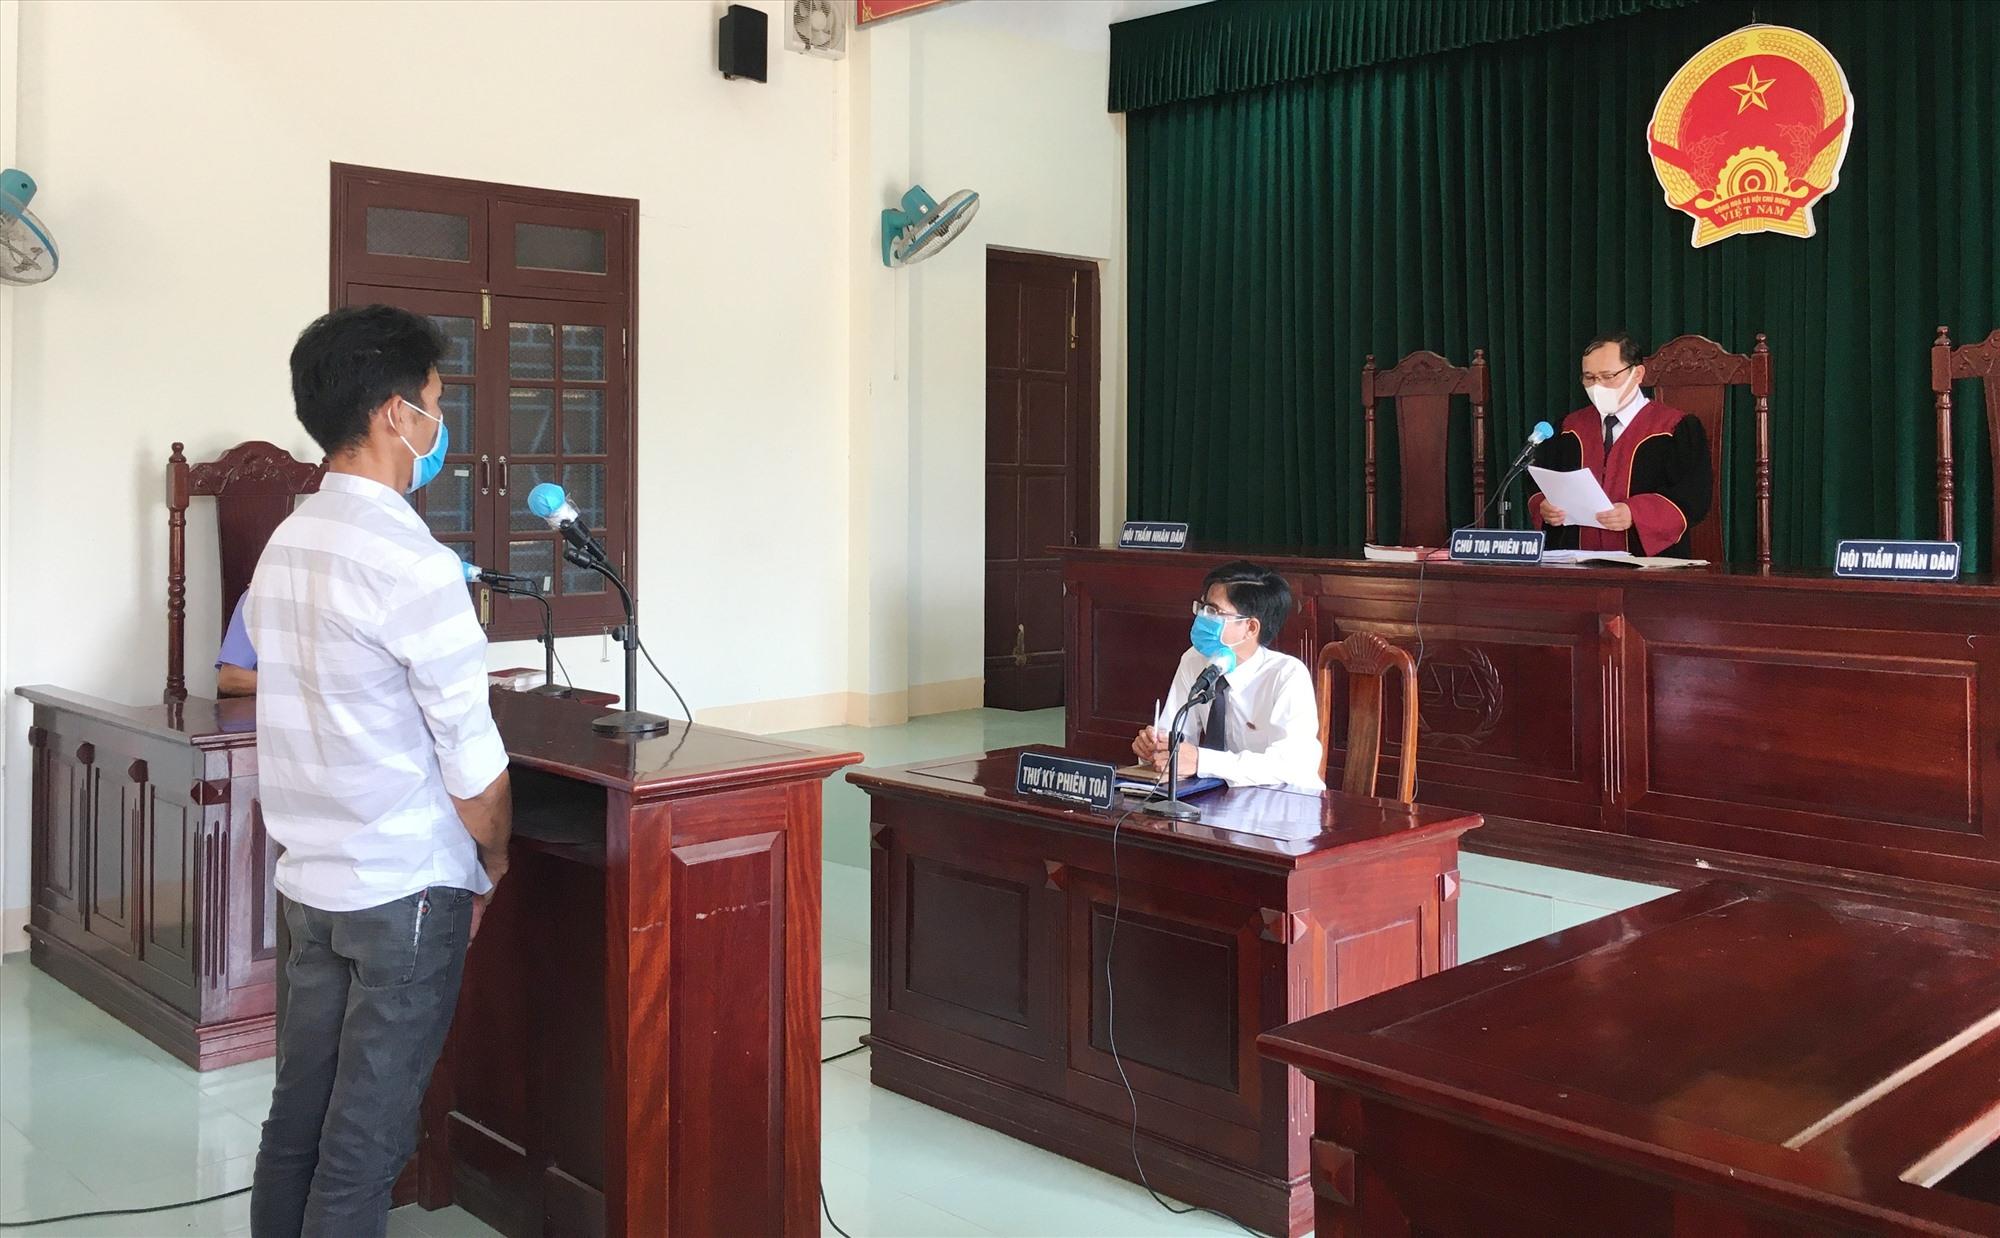 Tòa án nhân dân huyện Nông Sơn tuyên phạt bị cáo Nguyễn Ngọc Phương 9 tháng tù giam.